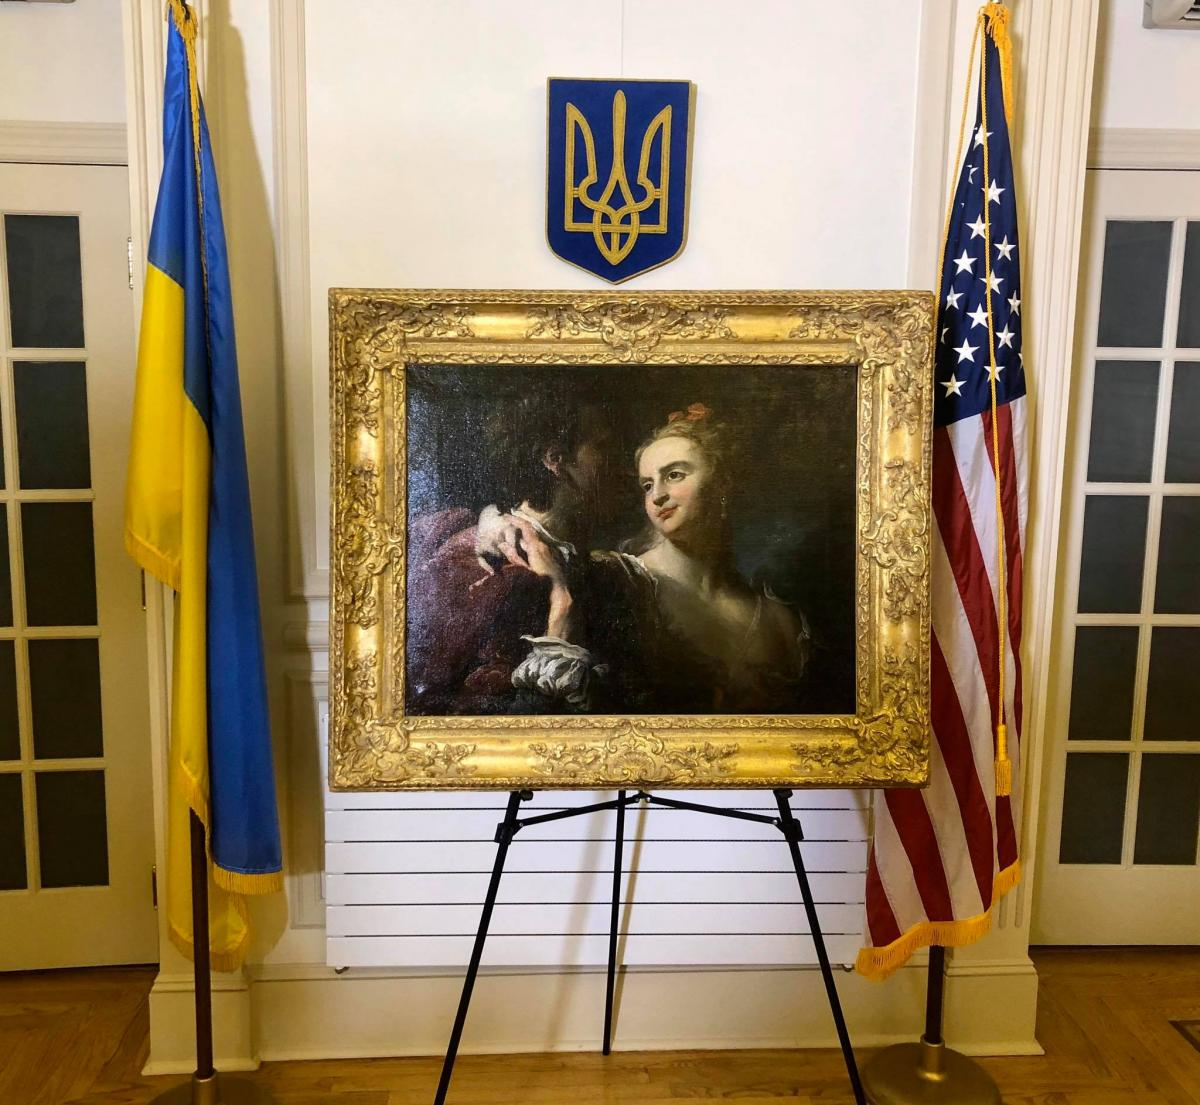 Во времена Второй мировой войны картина была украдена из Киевского национального музея Ханенков / фото facebook.com/UKRinUN